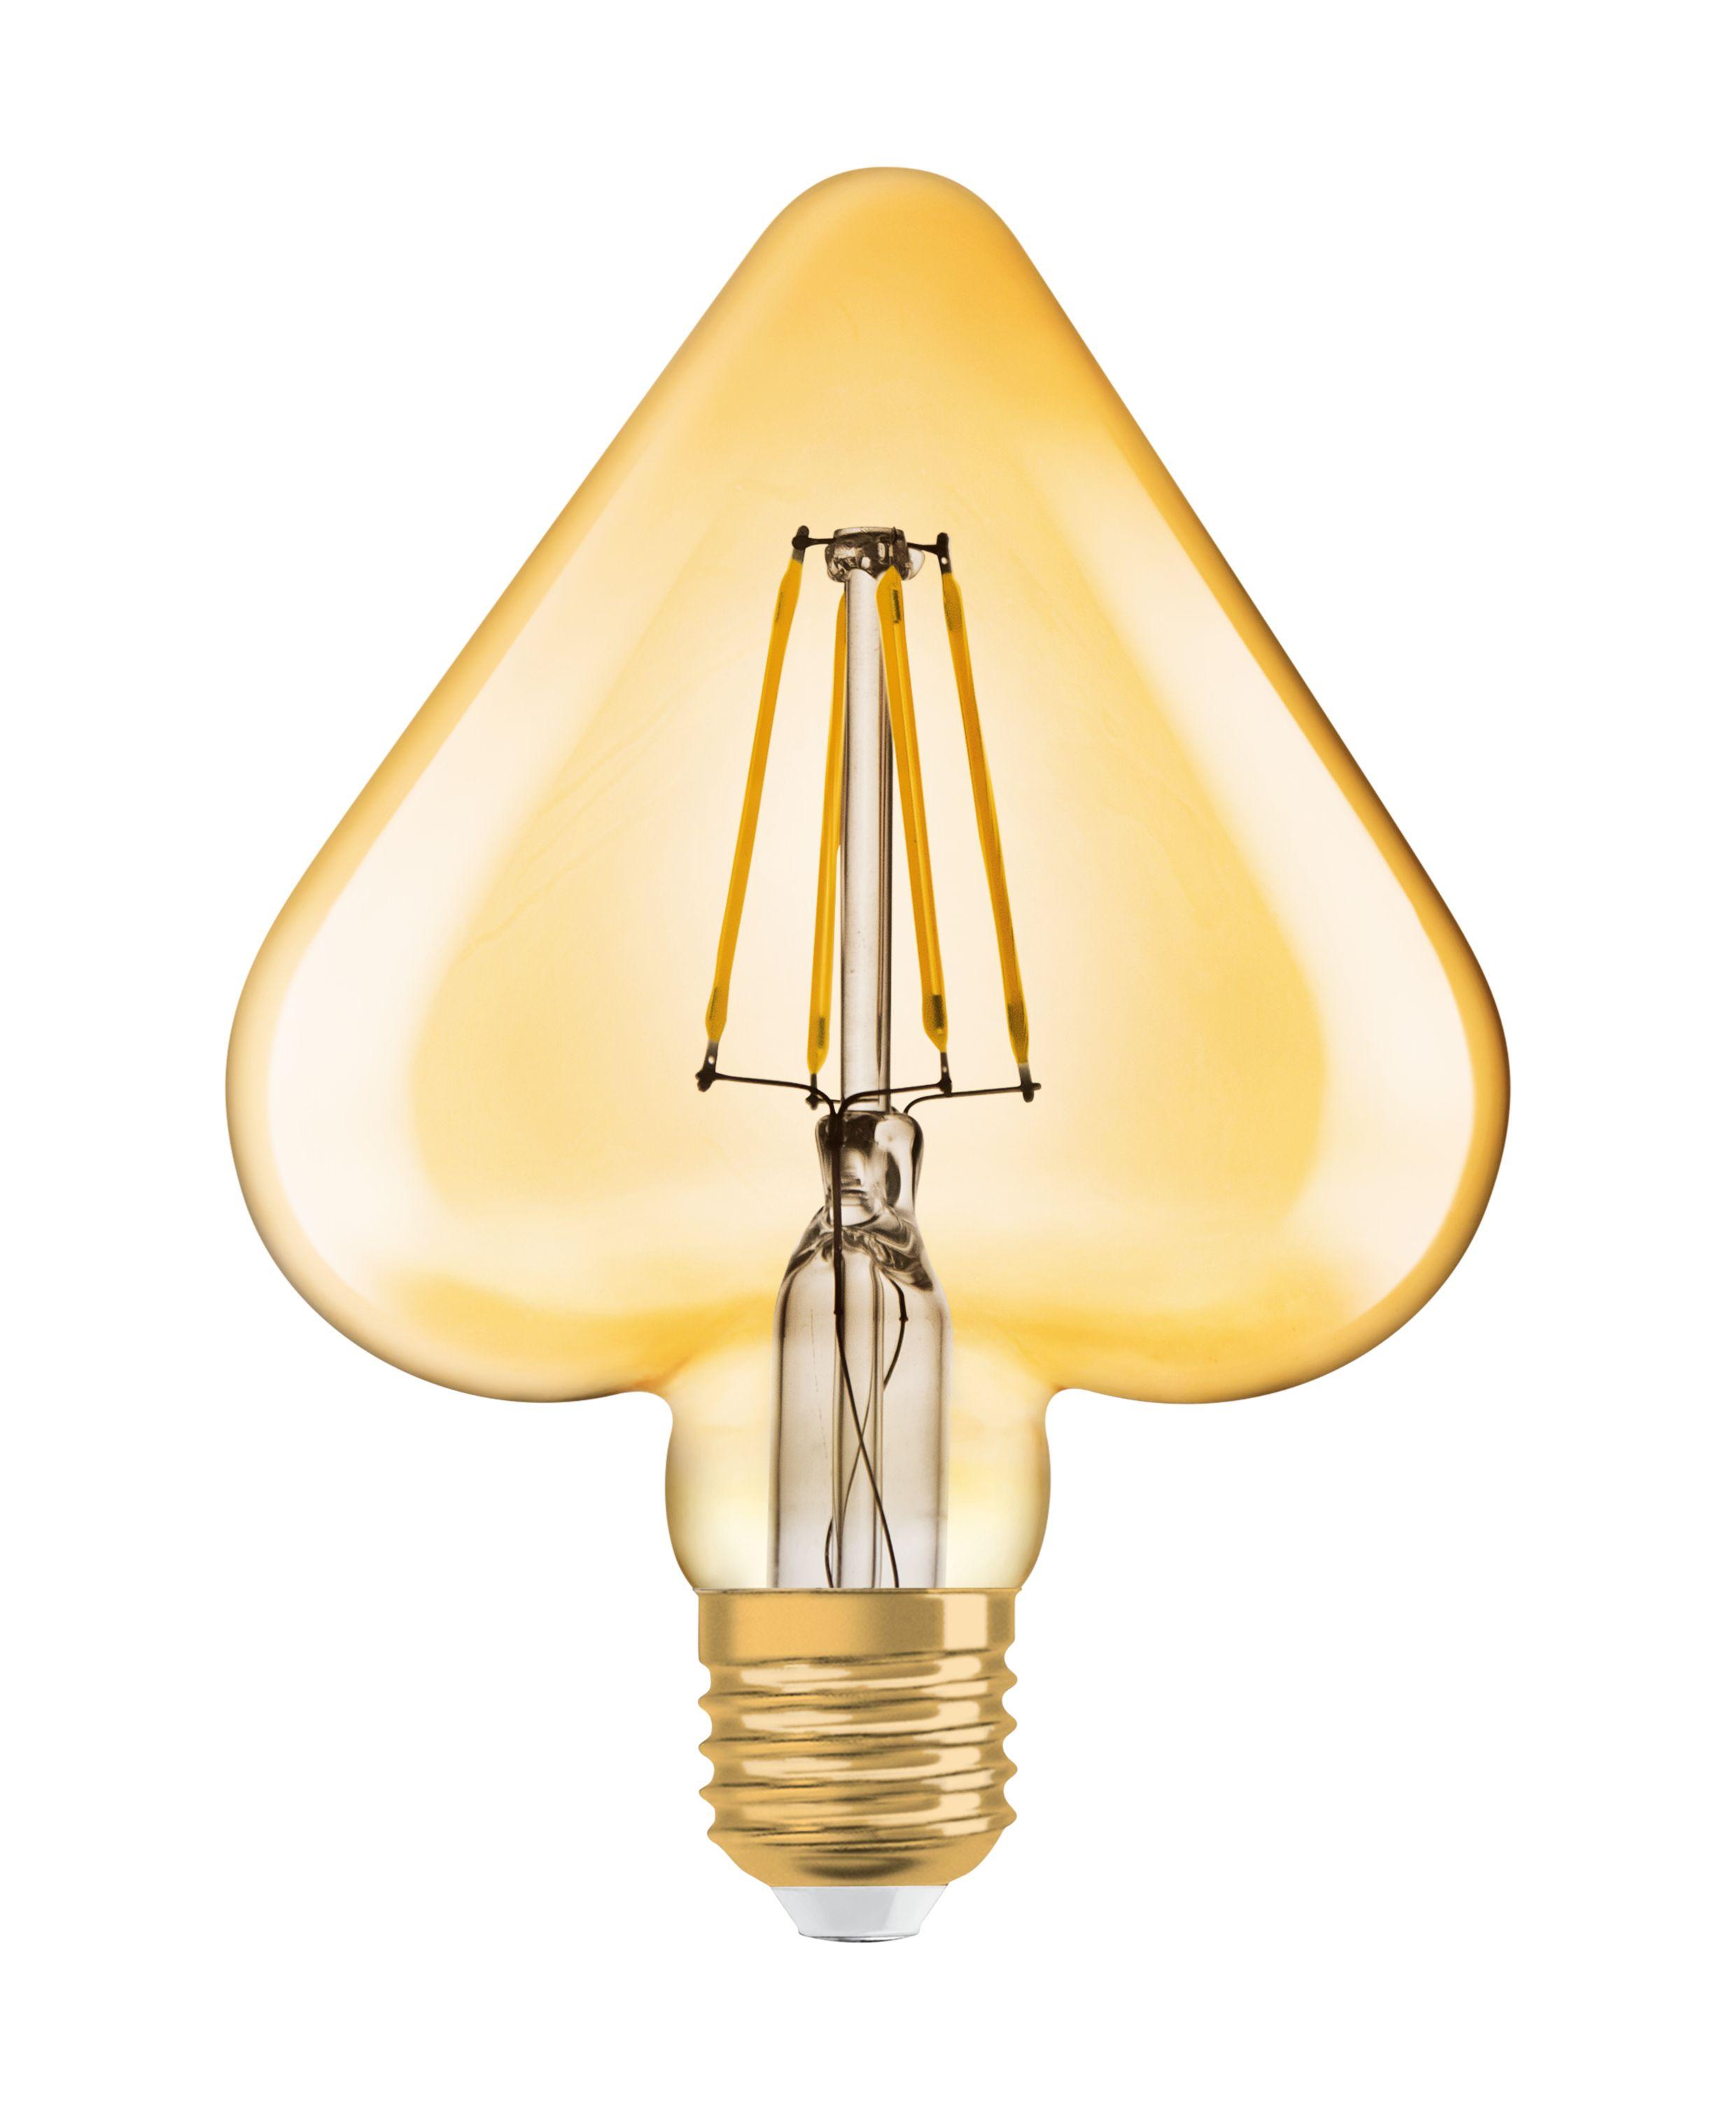 Fil Gold 40 Non Dim 4 5w 825 E27 Code Os092099 Price